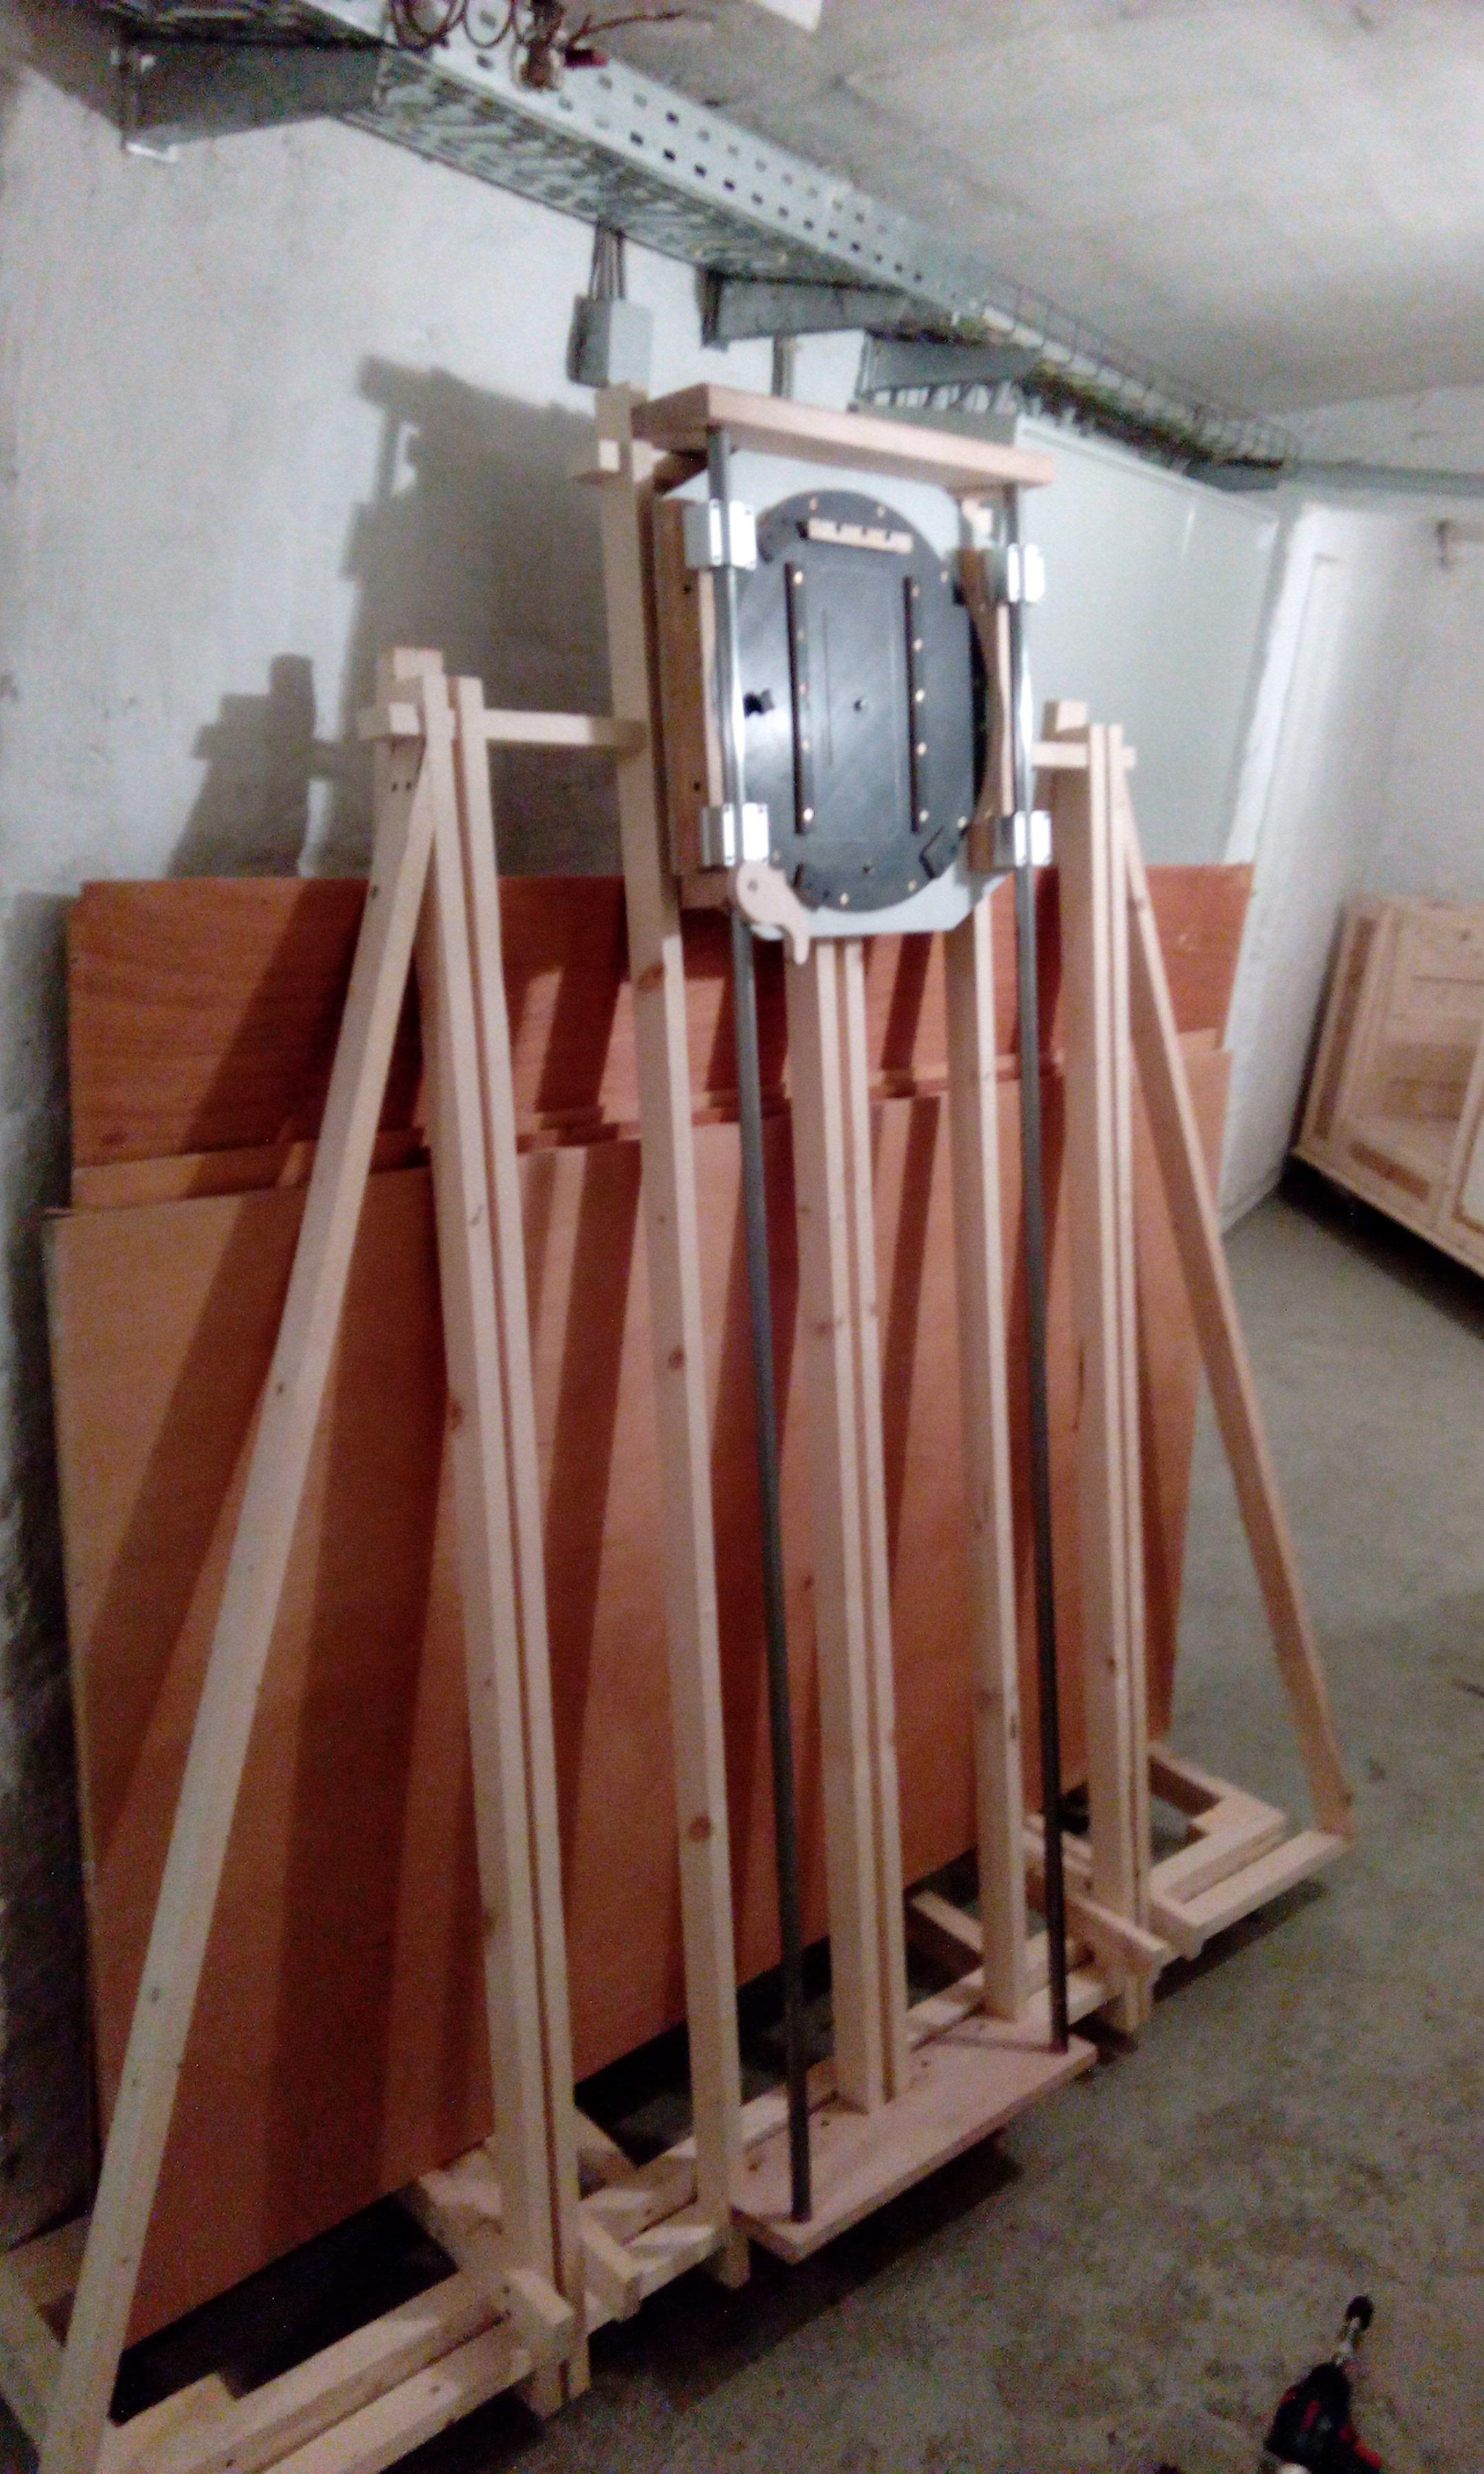 bauanleitung holzlager bauen bauanleitung holzunterstand bauen. Black Bedroom Furniture Sets. Home Design Ideas